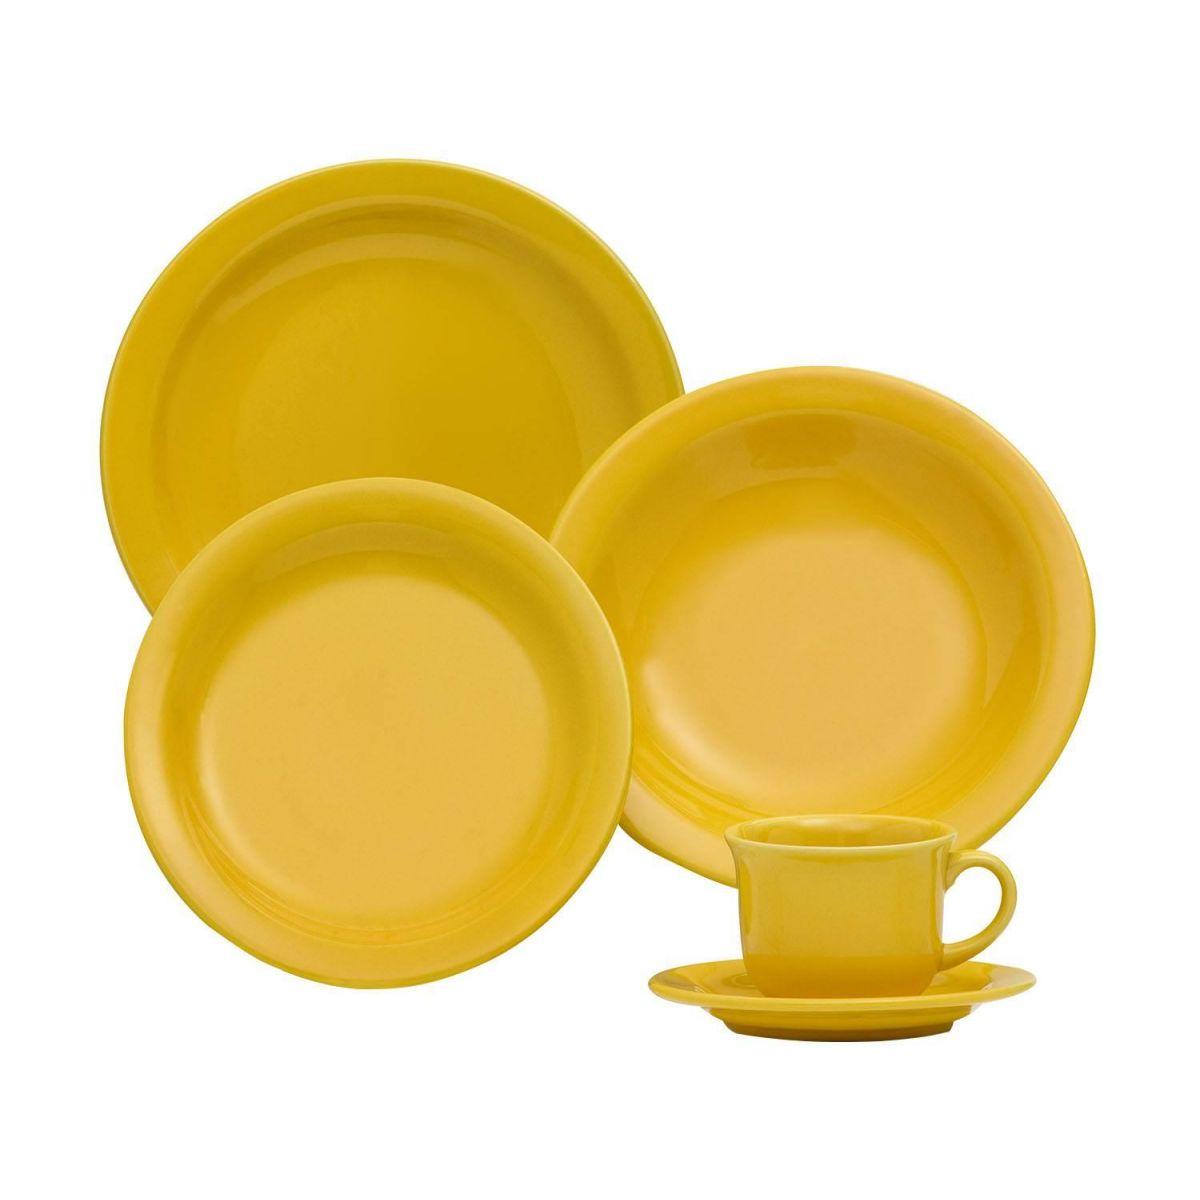 Prato Fundo 23cm Daily Floreal Yellow Oxford